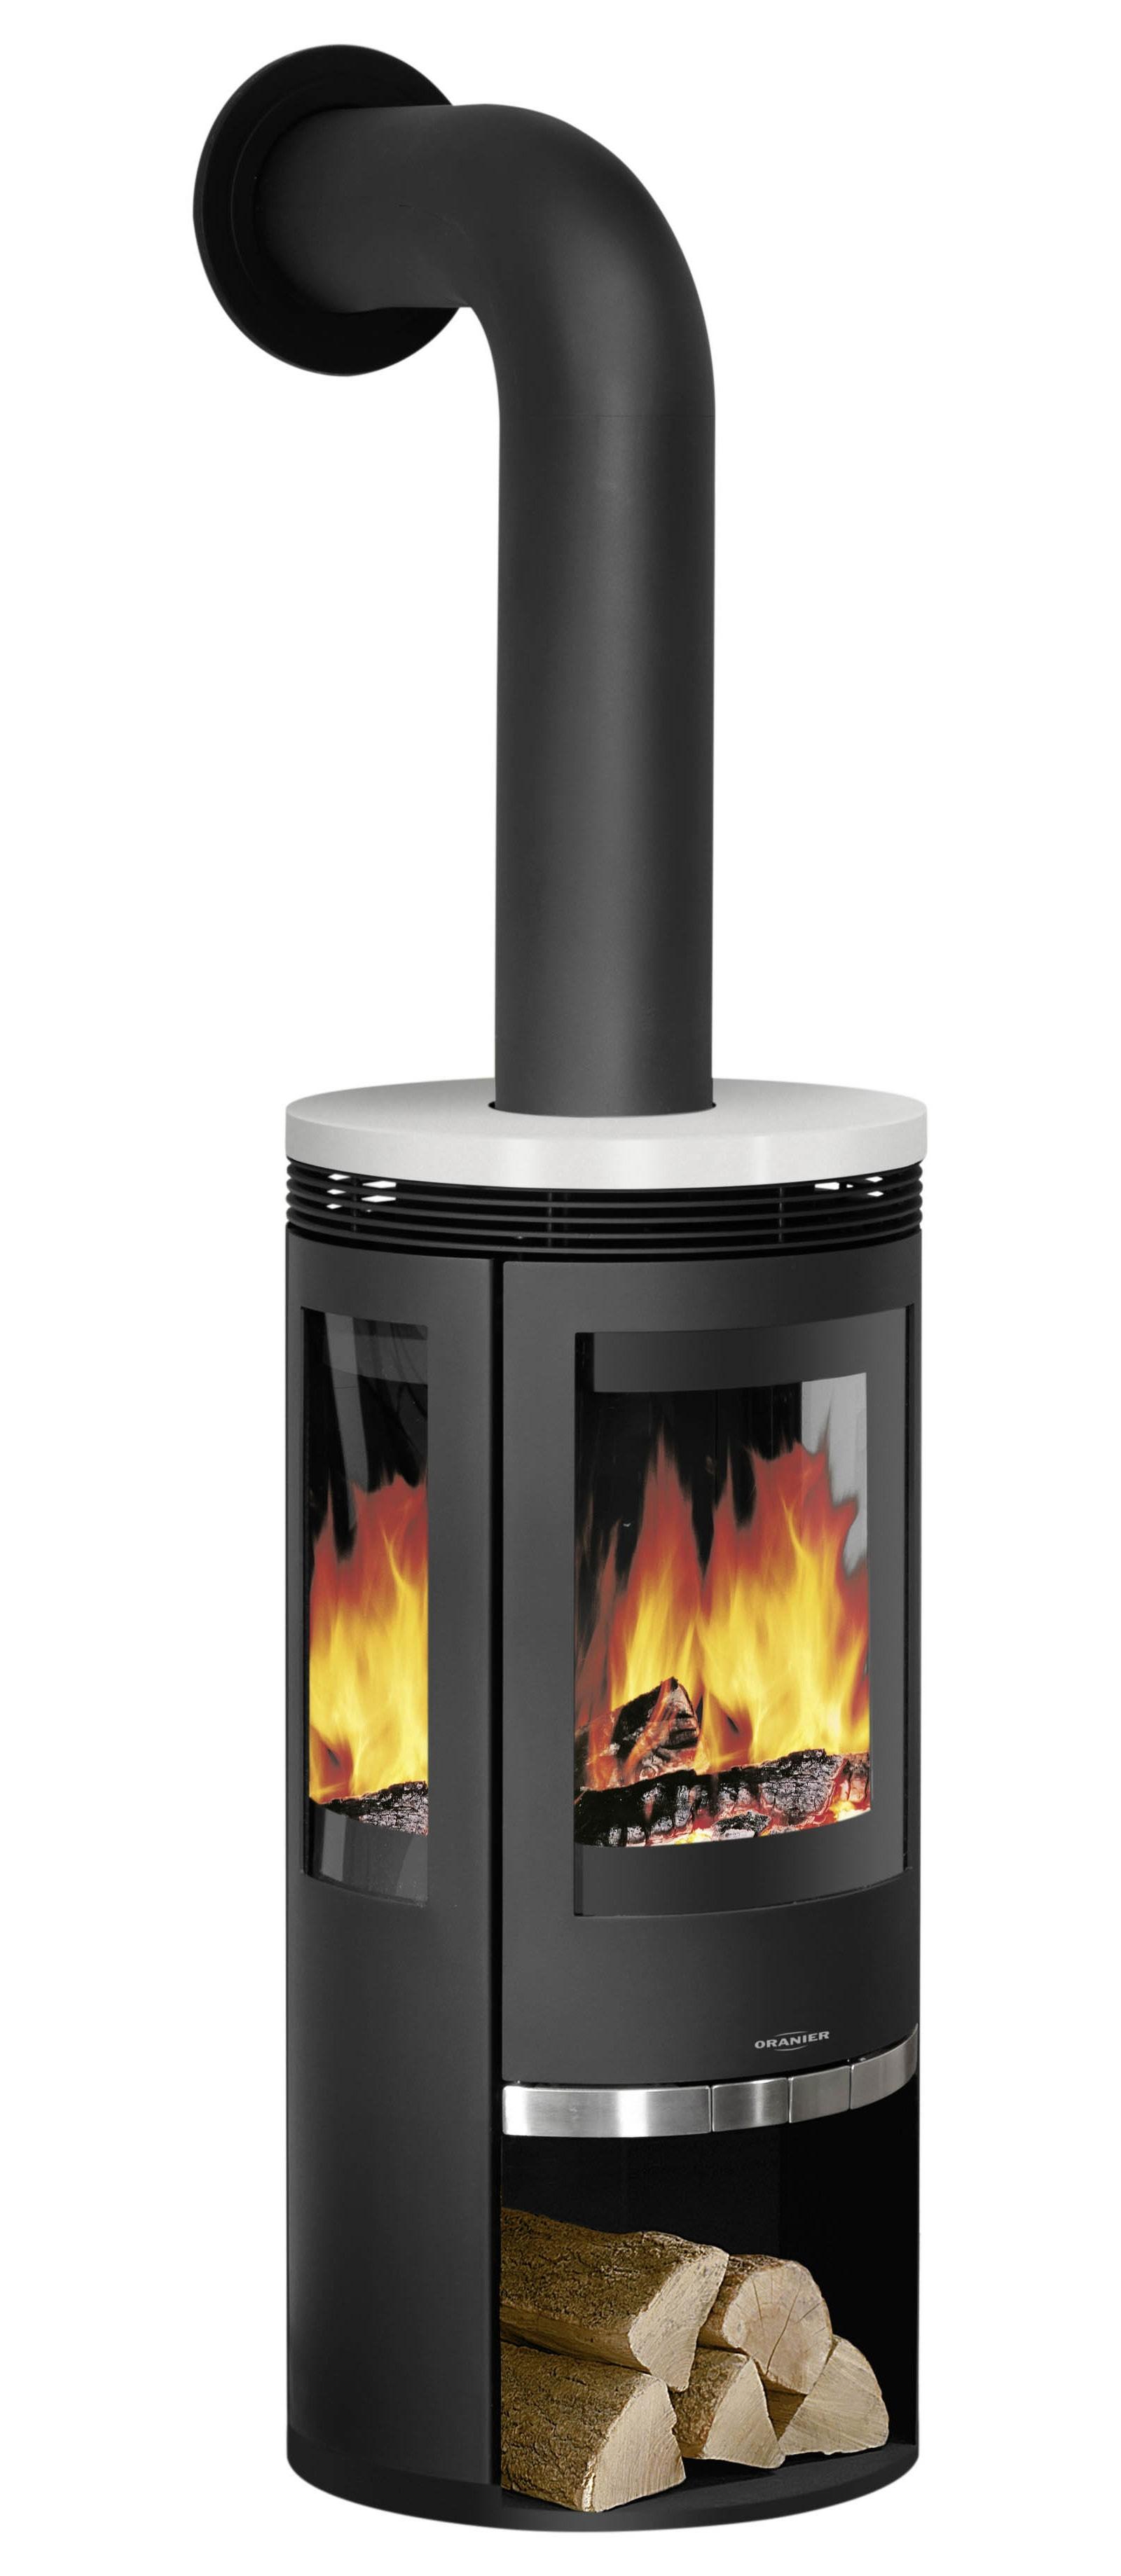 kaminofen oranier rota tre 3 scheiben stahl keramik wei 5kw bei. Black Bedroom Furniture Sets. Home Design Ideas